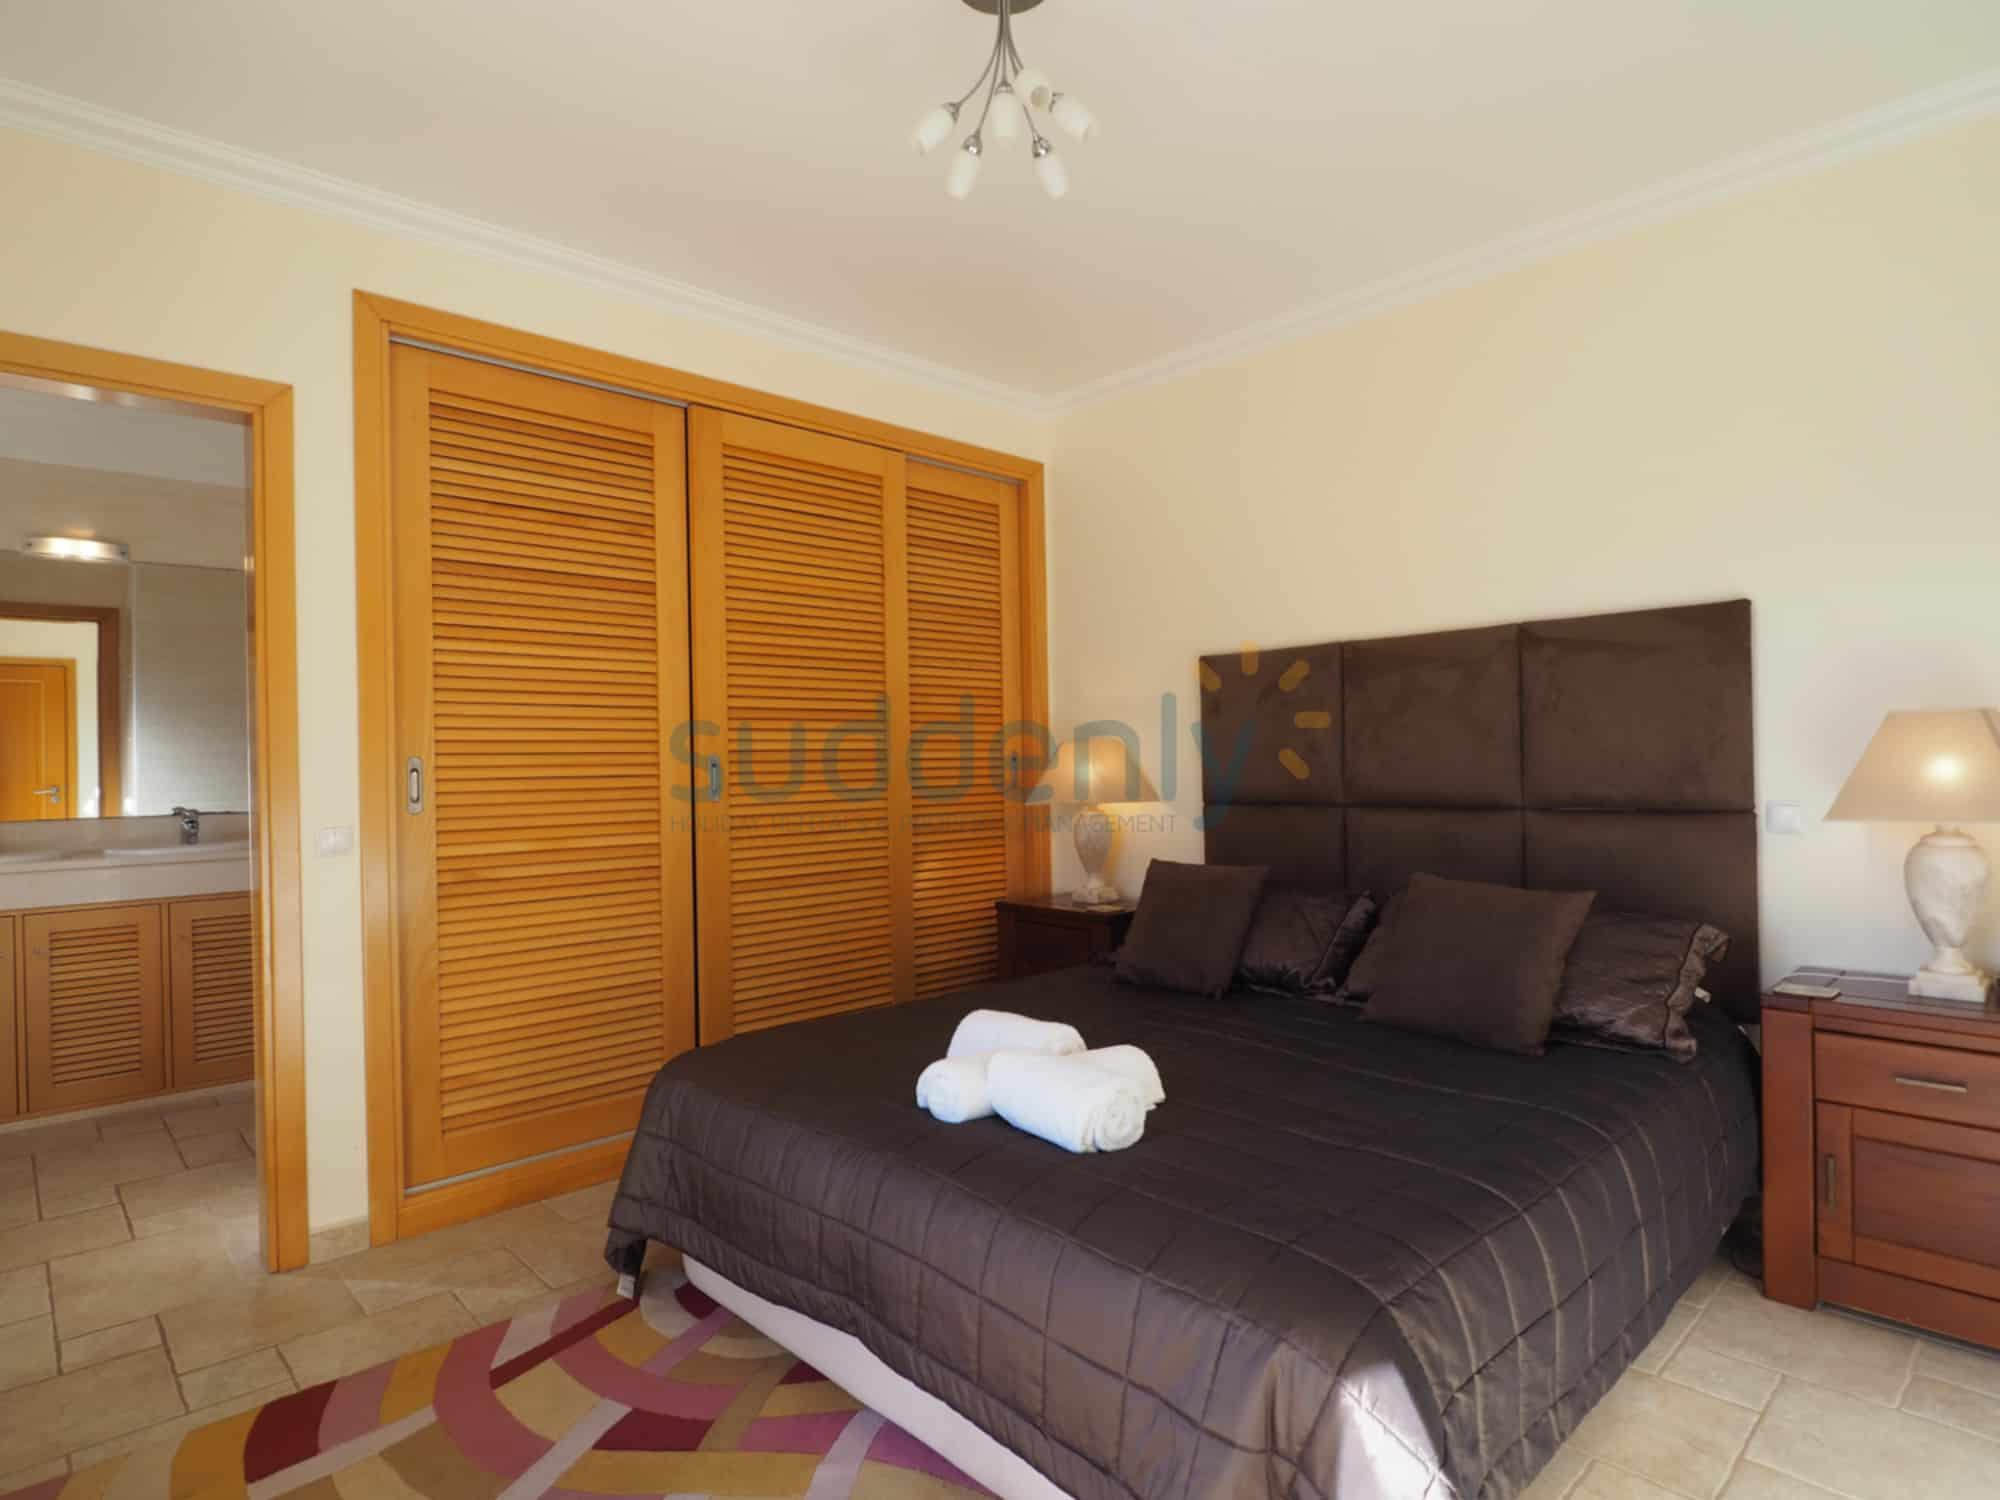 Holiday Rentals in Praia D'El Rey 62